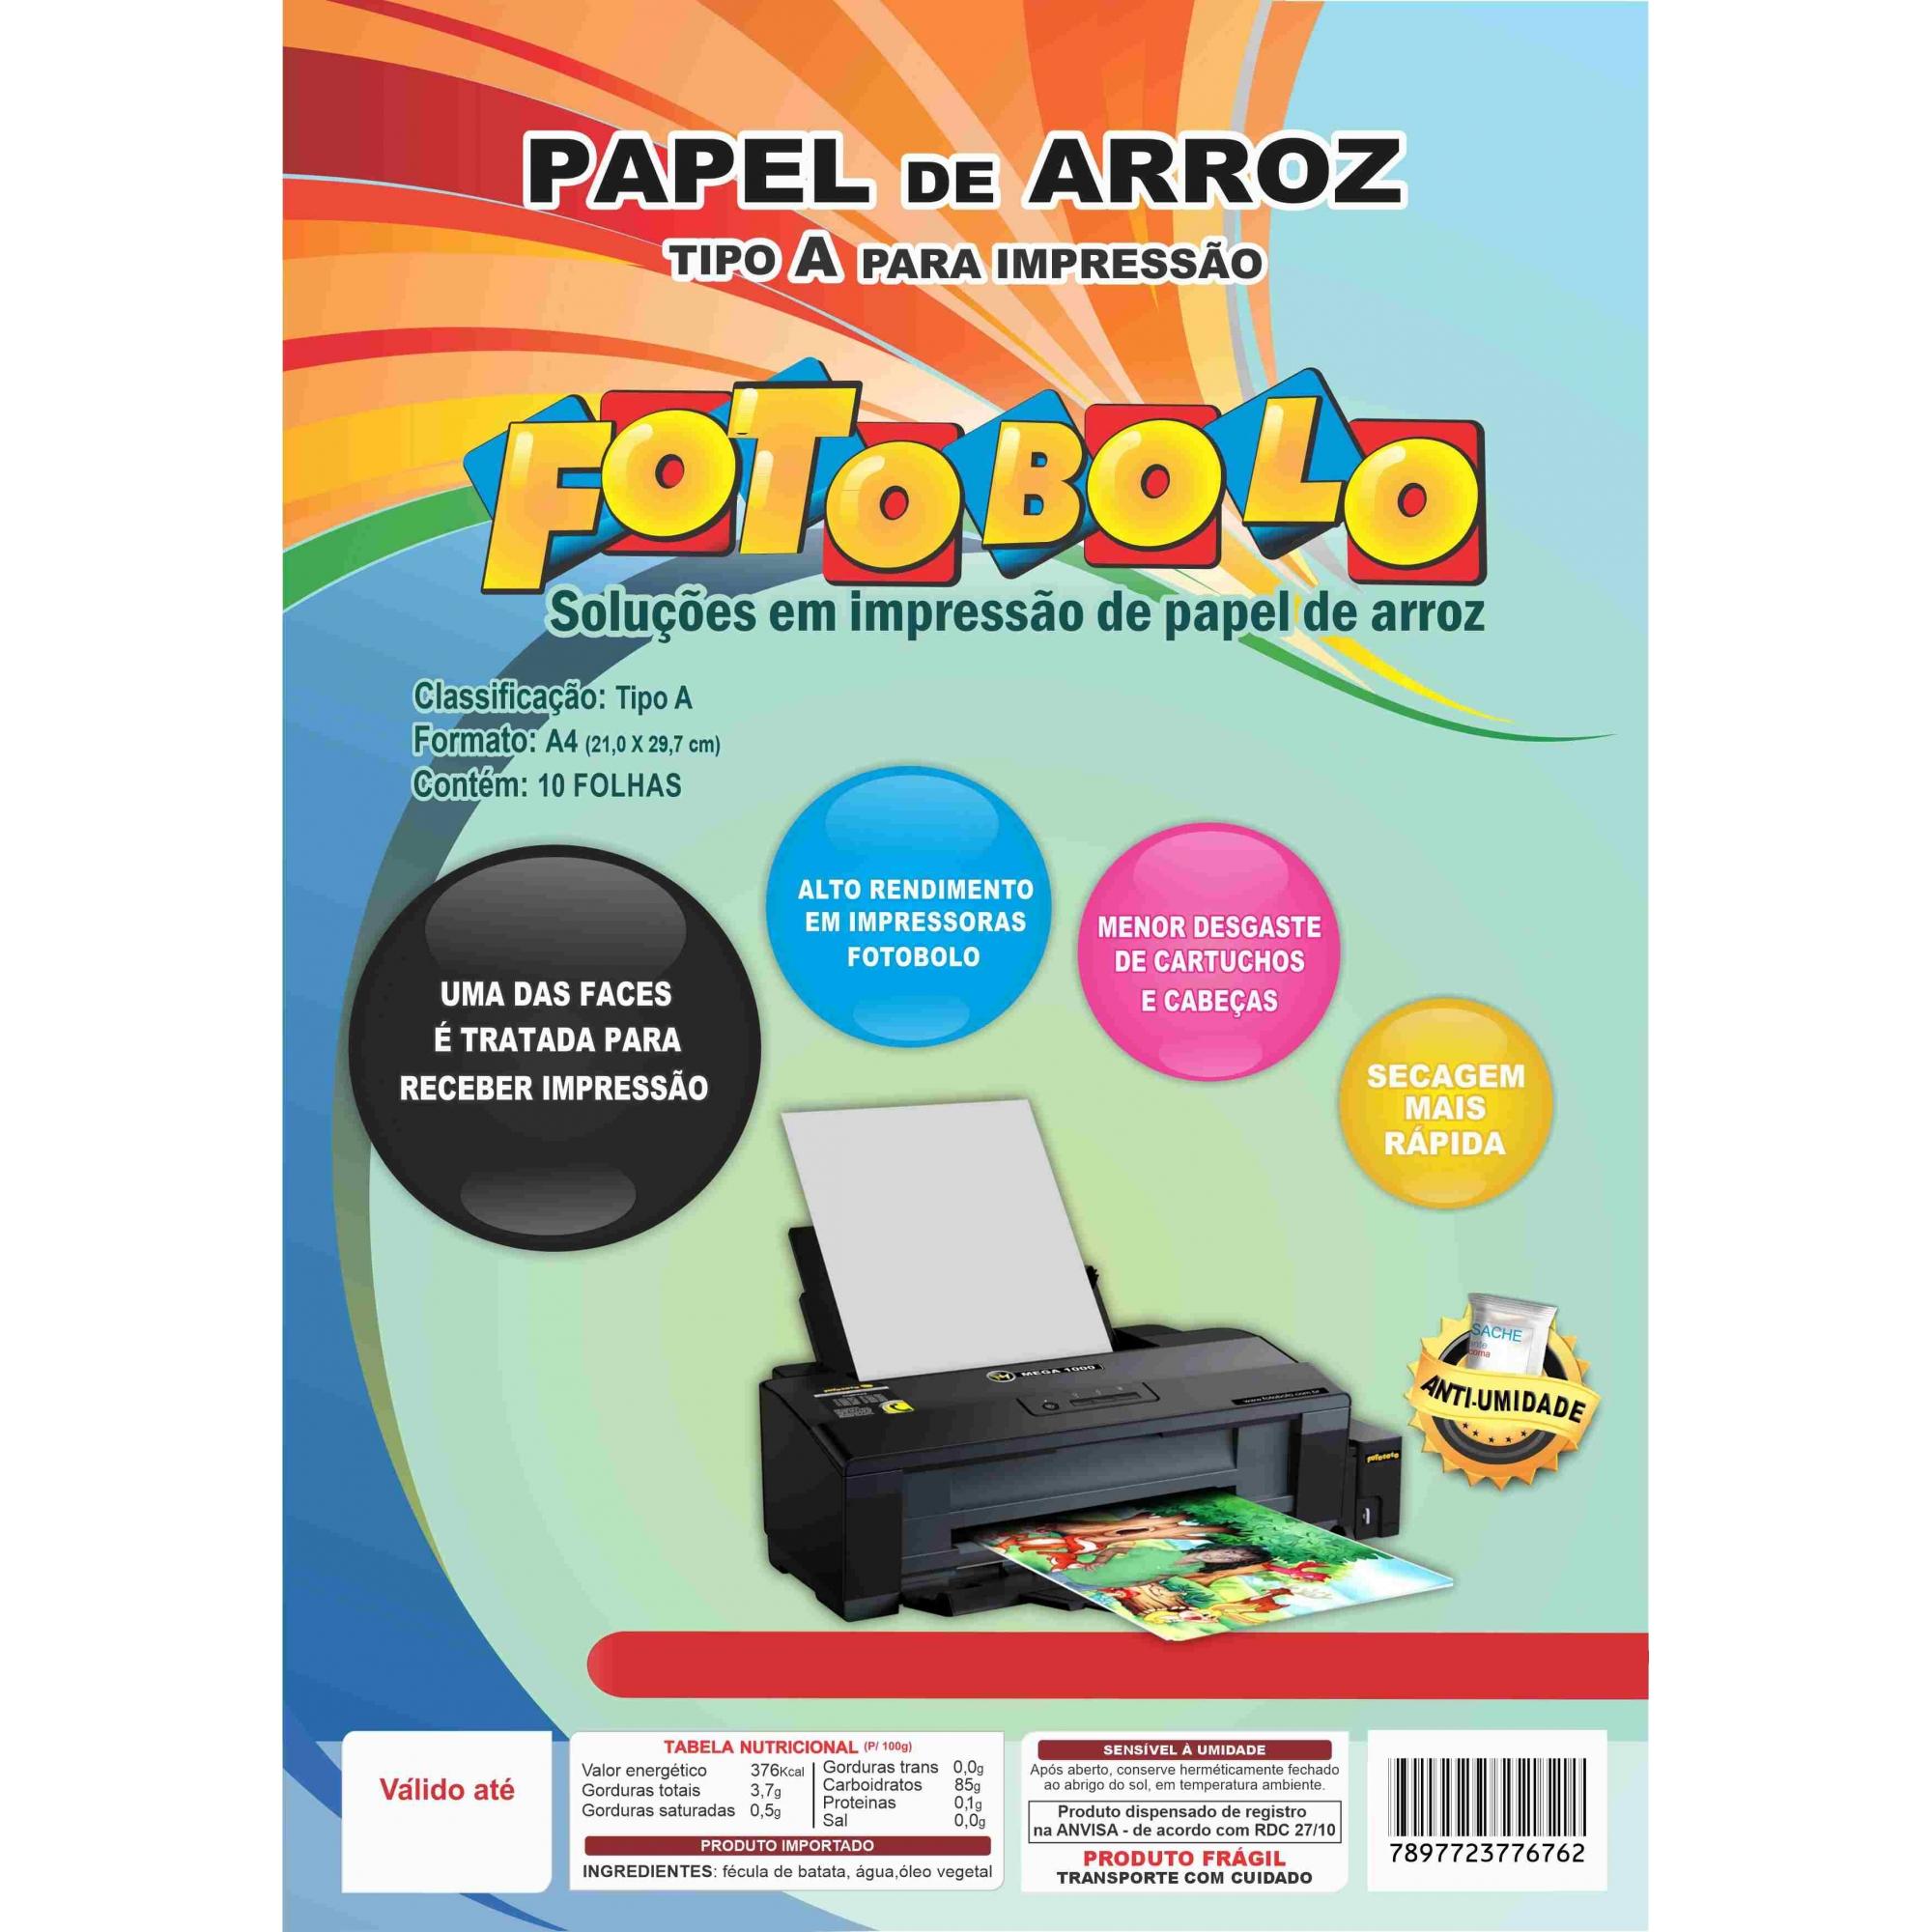 Papel Arroz A4 - Tipo A - Embalado a vácuo - 10 folhas